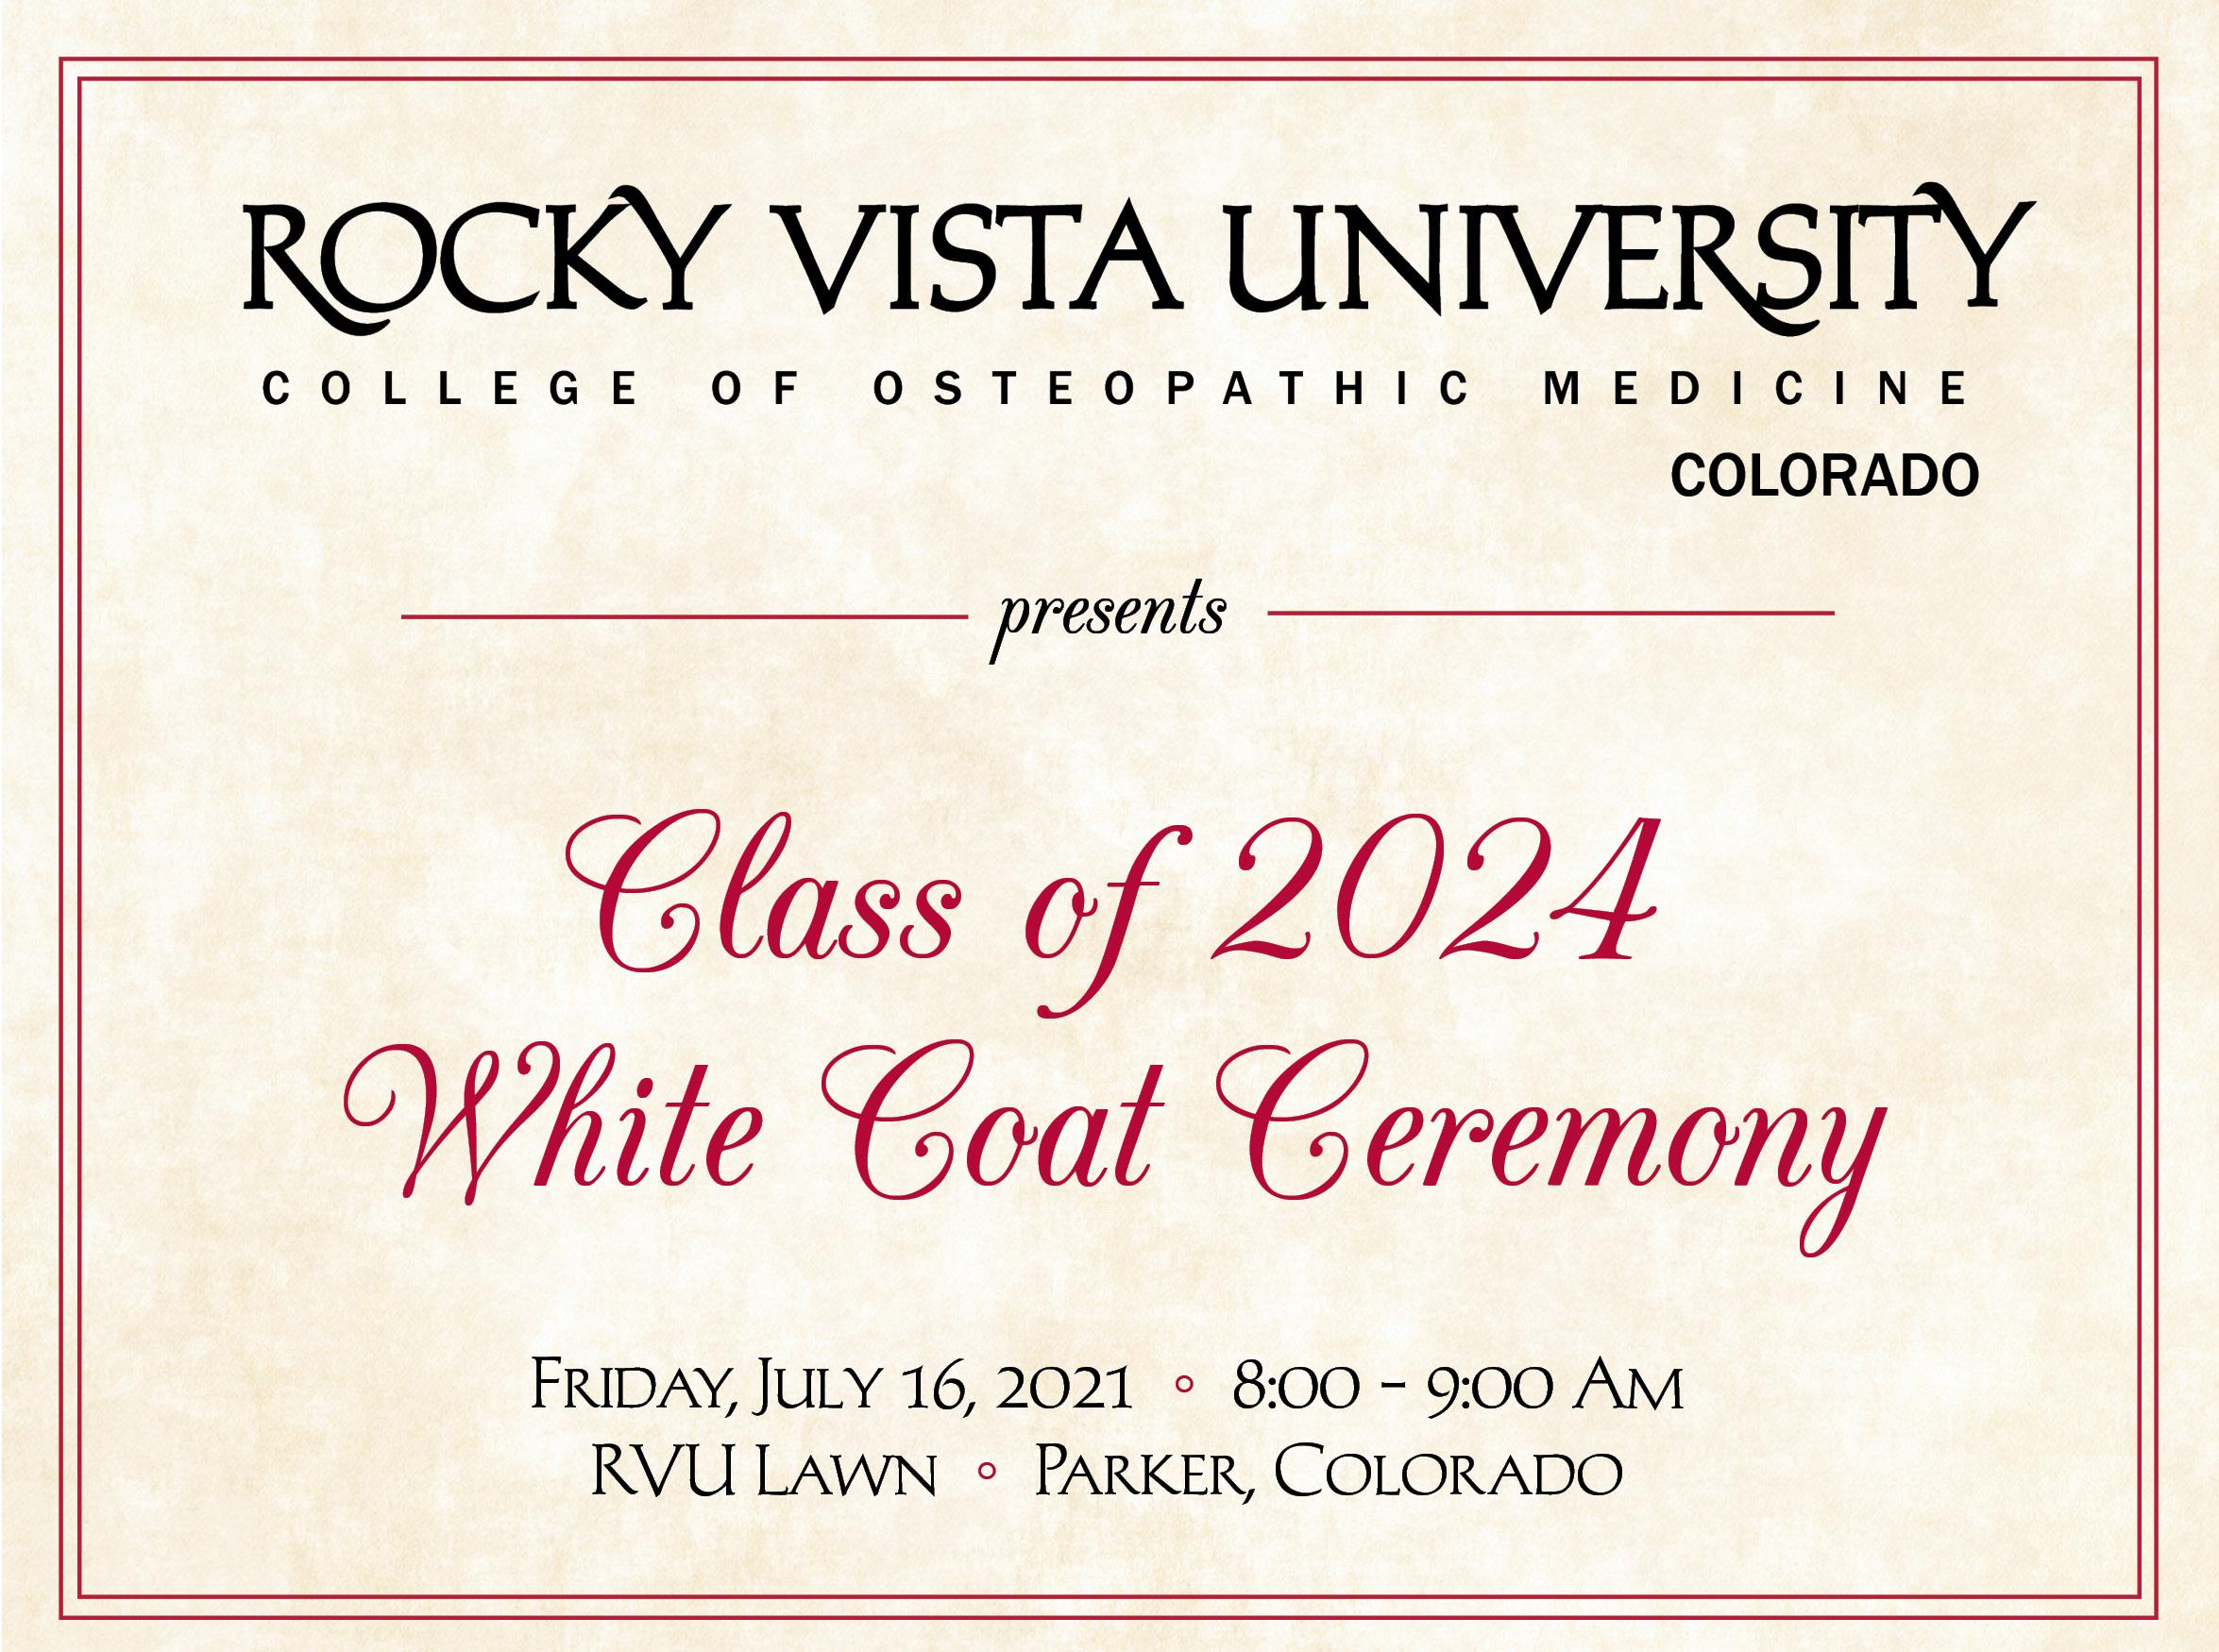 Classof2024_WhiteCoatWebsite_Graphic_CO